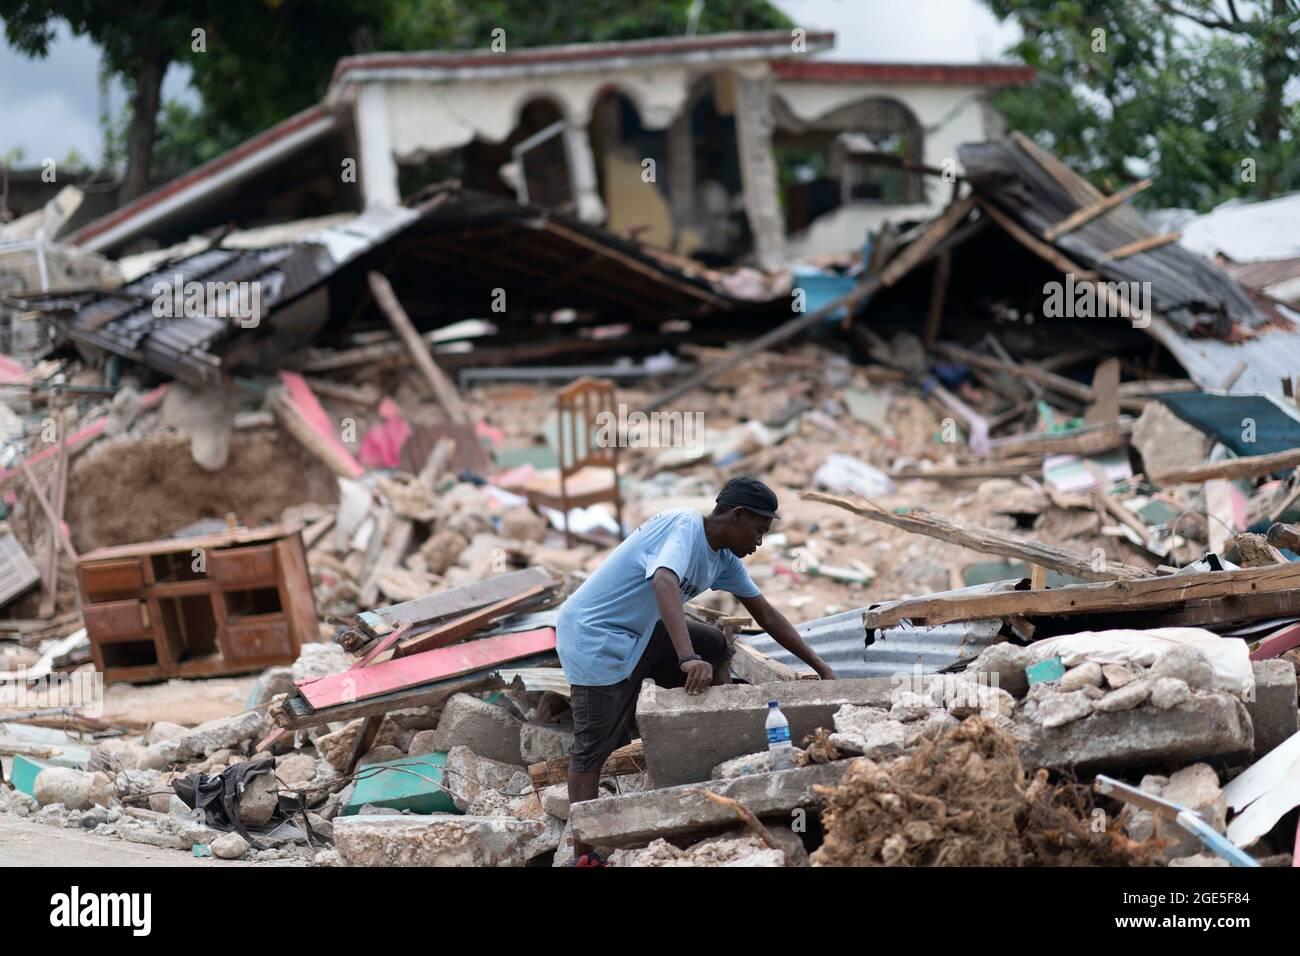 Les Cayes, Haiti. 16 agosto 2021. Un uomo cerca i detriti di una casa collassata dopo un terremoto, a Les Cayes, Haiti, il 16 agosto 2021. Il bilancio delle vittime del potente terremoto che ha colpito Haiti sudoccidentale sabato è salito a 1,419, le autorità hanno annunciato lunedì. Il terremoto di 7.2 magnitudo ha anche causato almeno 6,900 feriti e distrutto oltre 37,000 case, secondo l'agenzia di protezione civile del paese. Credit: David de la Paz/Xinhua/Alamy Live News Foto Stock